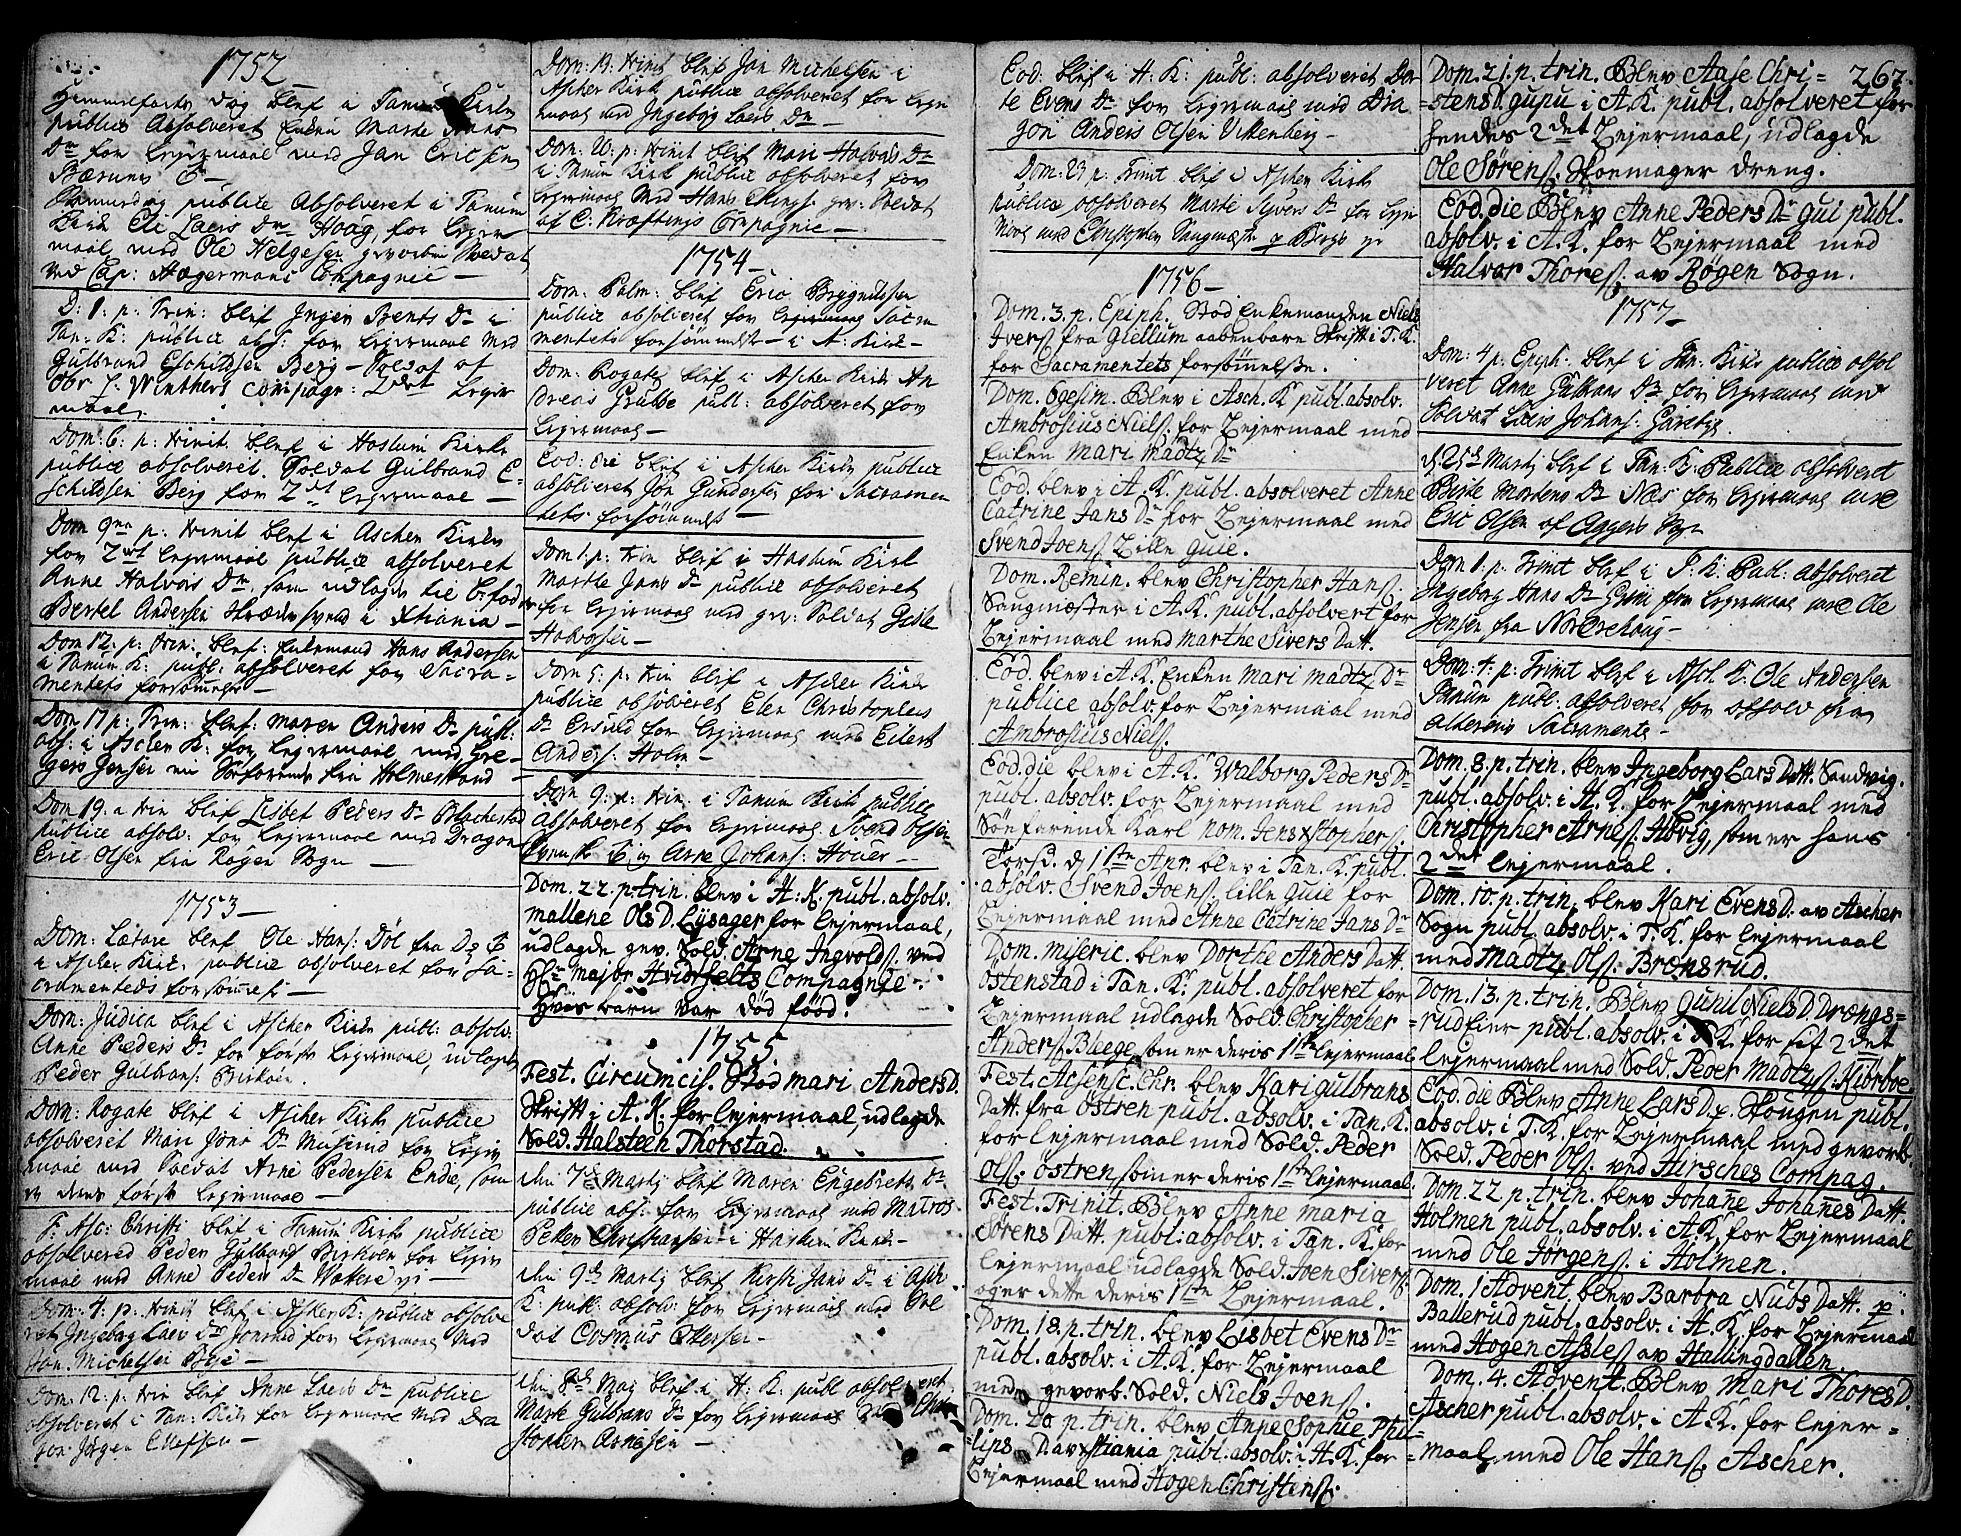 SAO, Asker prestekontor Kirkebøker, F/Fa/L0002: Ministerialbok nr. I 2, 1733-1766, s. 267